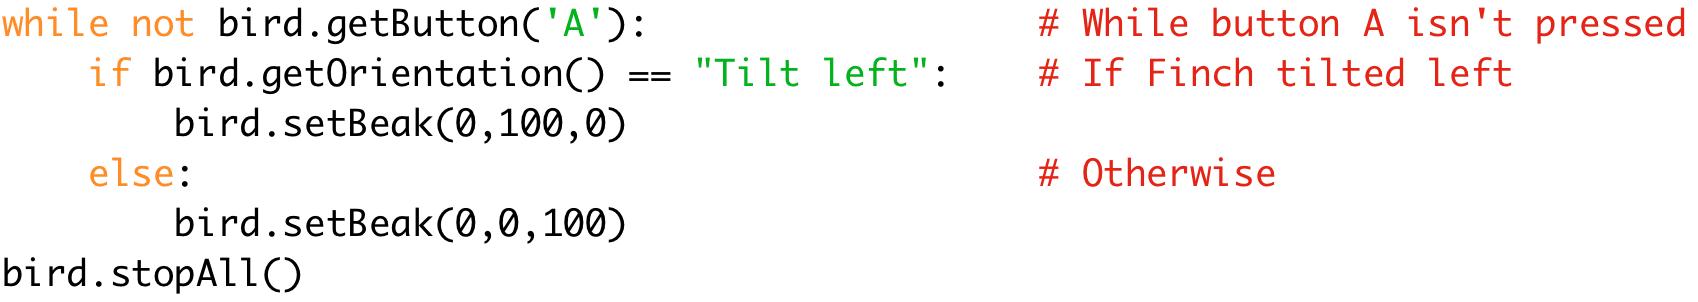 """while not bird.getButton('A'): # While button A isn't pressed  if bird.getOrientation() == """"Tilt left"""": # If Finch tilted left  bird.setBeak(0,100,0)  else: # Otherwise  bird.setBeak(0,0,100)  bird.stopAll()"""